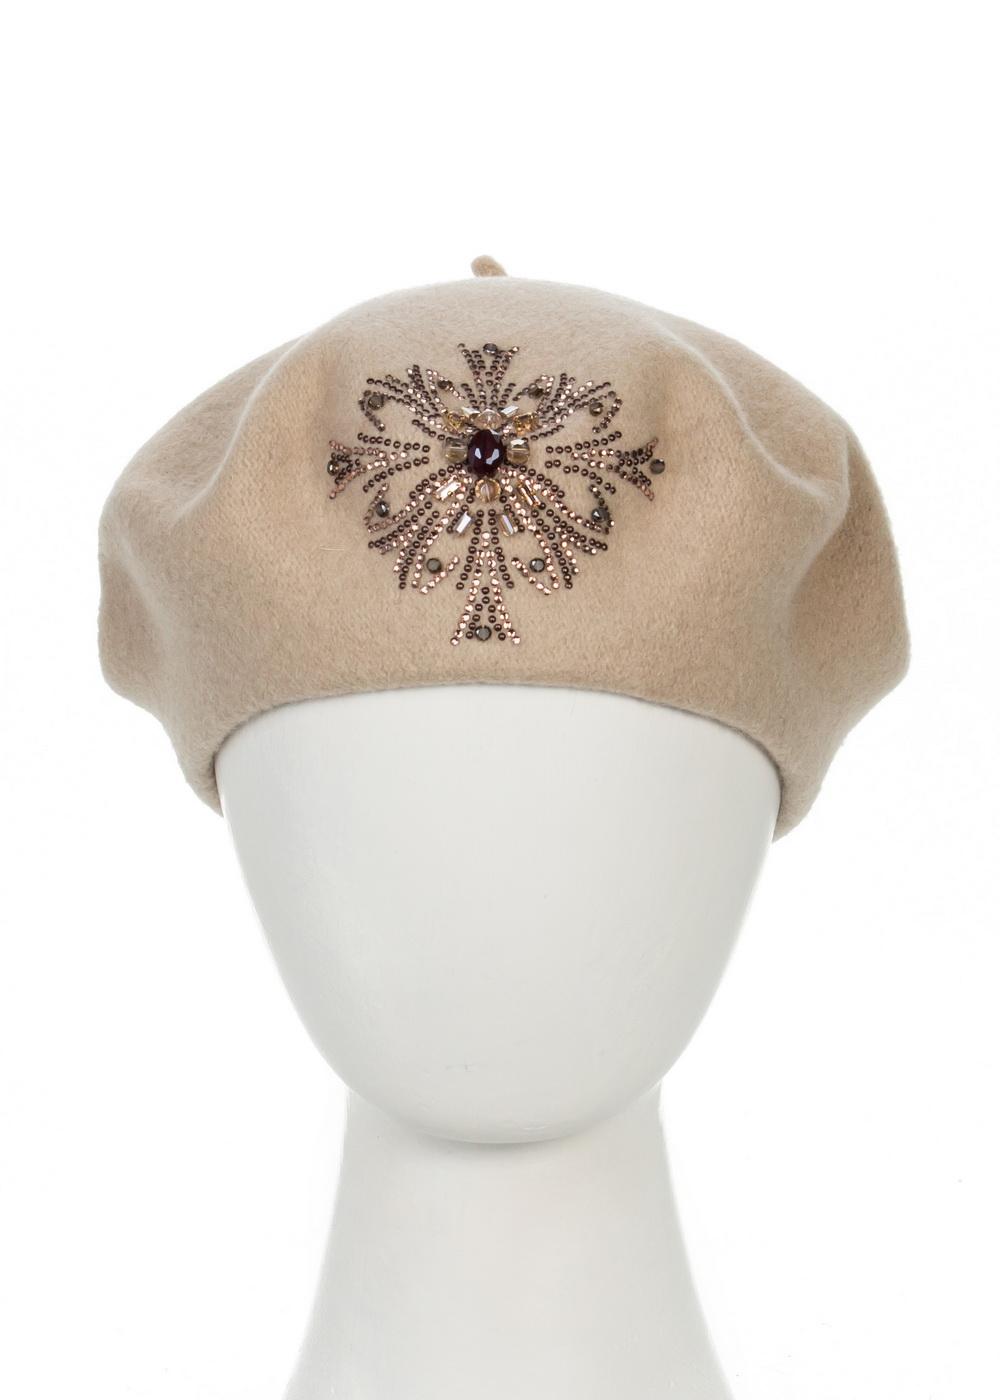 Берет998803Теплый берет Avanta Verginia, выполненный из натуральной шерсти, отлично дополнит ваш образ в холодную погоду. Модель оформлена оригинальным узором выложенным из страз и камней. Такой берет, составит идеальный комплект с модной верхней одеждой, в нем вам будет уютно и тепло! Уважаемые клиенты! Размер, доступный для заказа, является обхватом головы.